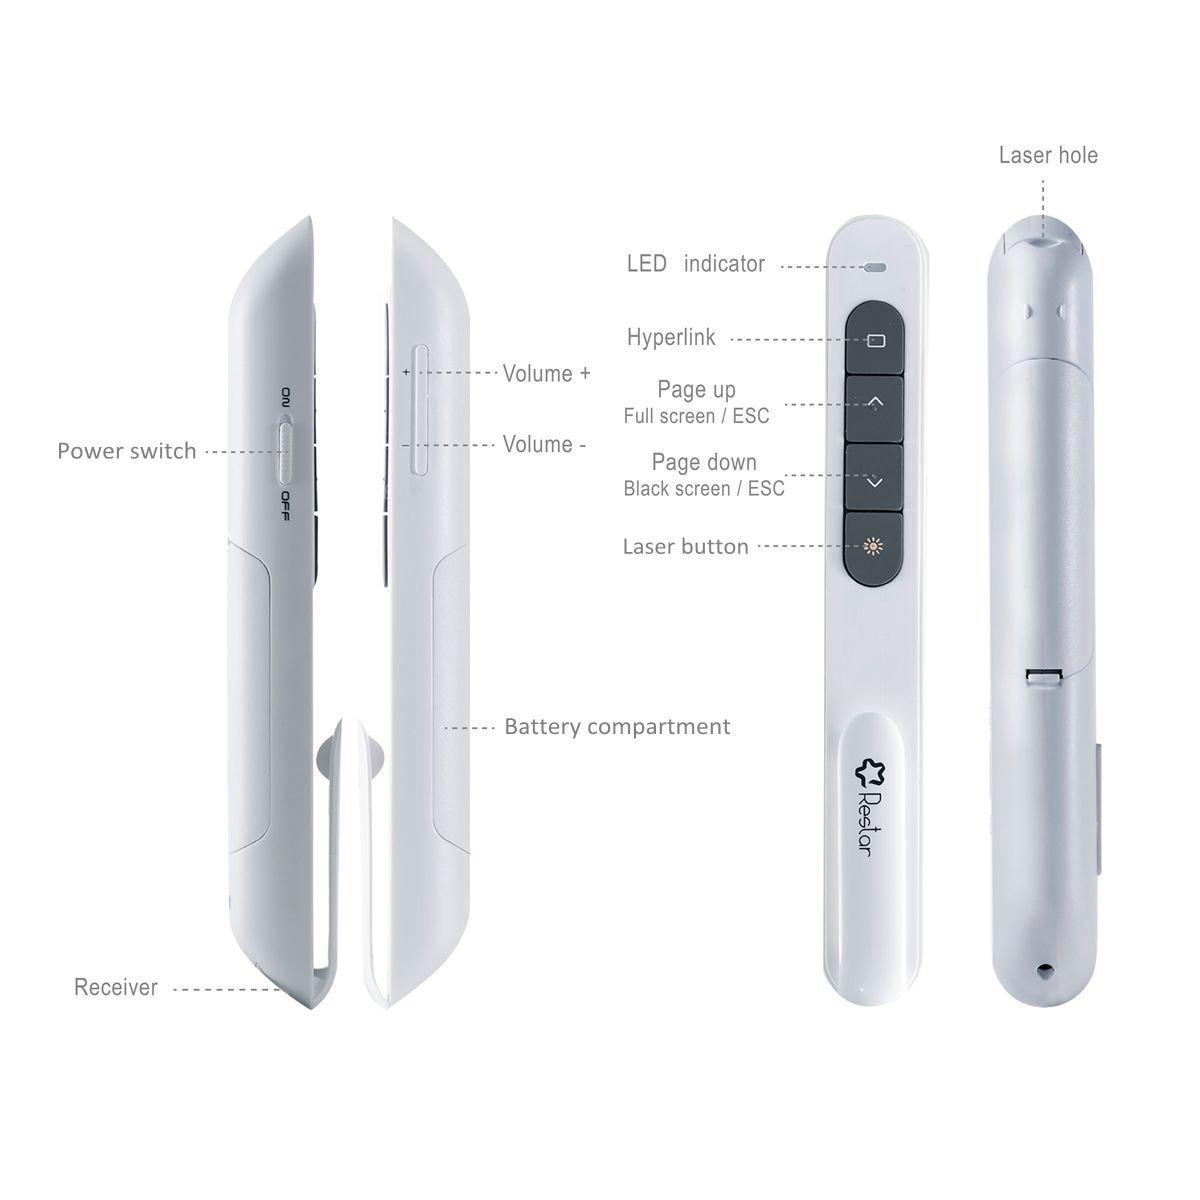 Wireless Laser Presenter Restar 24ghz Usb Powerpoint Pointer Presentasi Presentation Remote Control Clicker